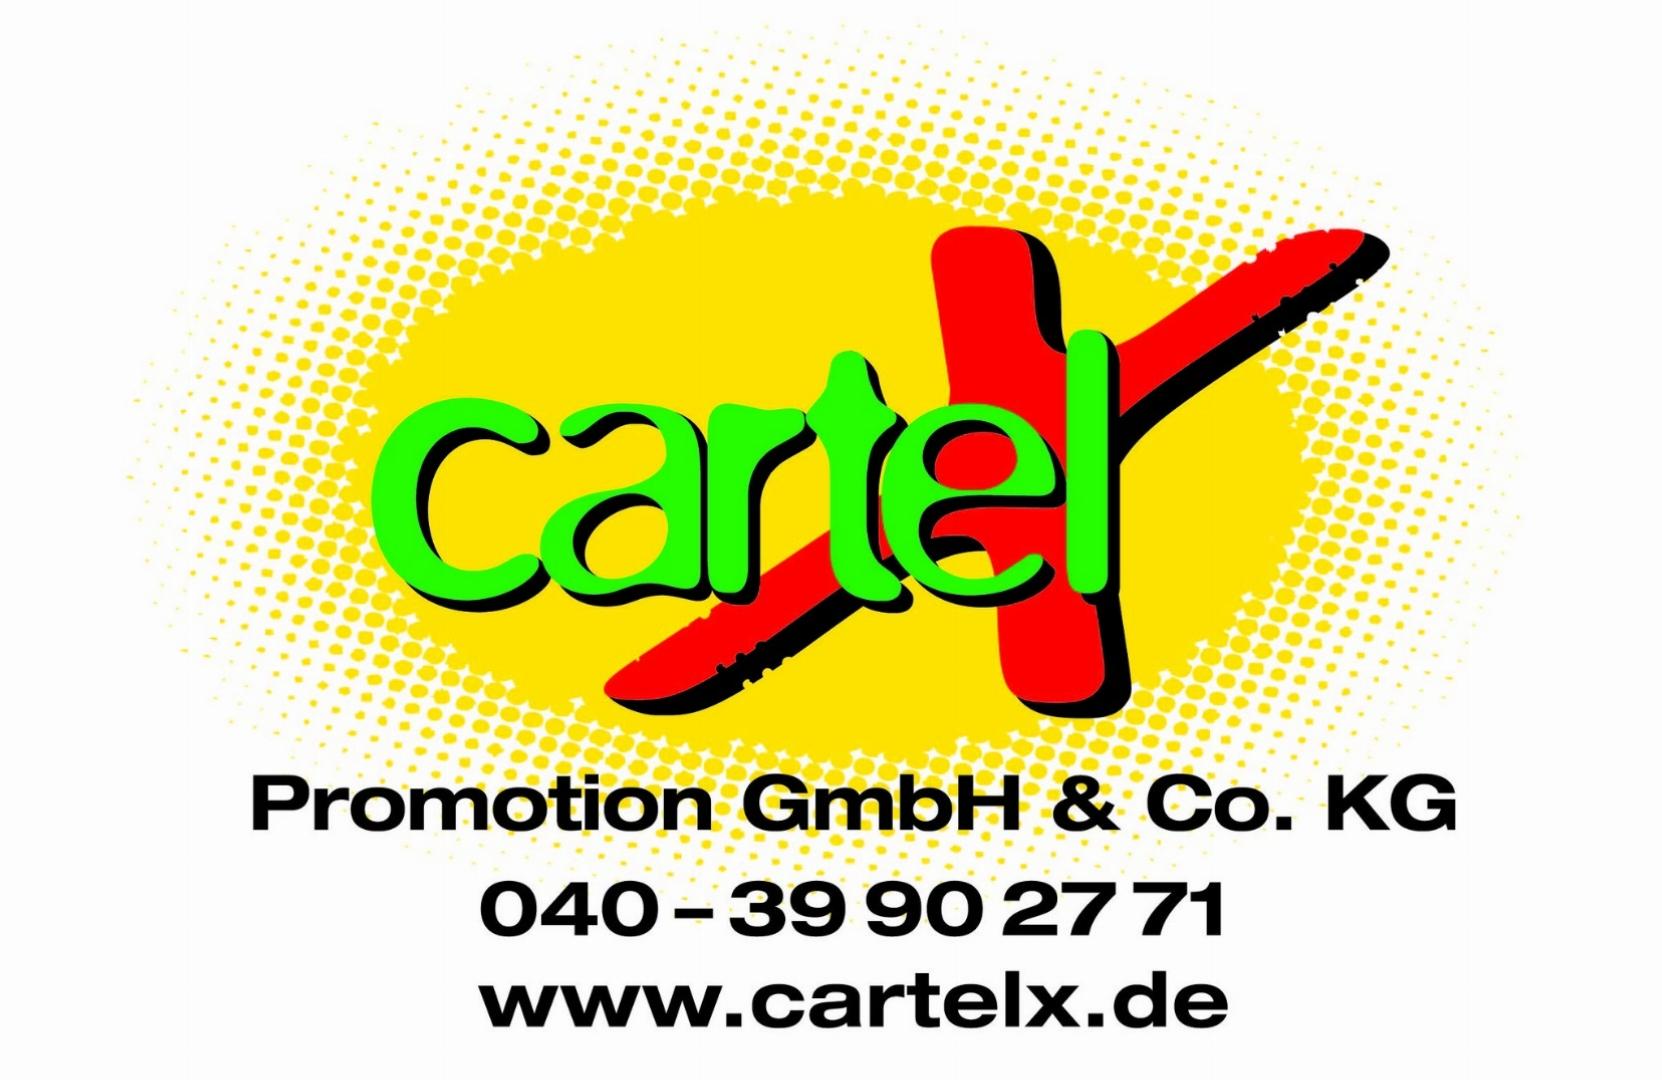 https://www.cartelx.de/cartelx.html